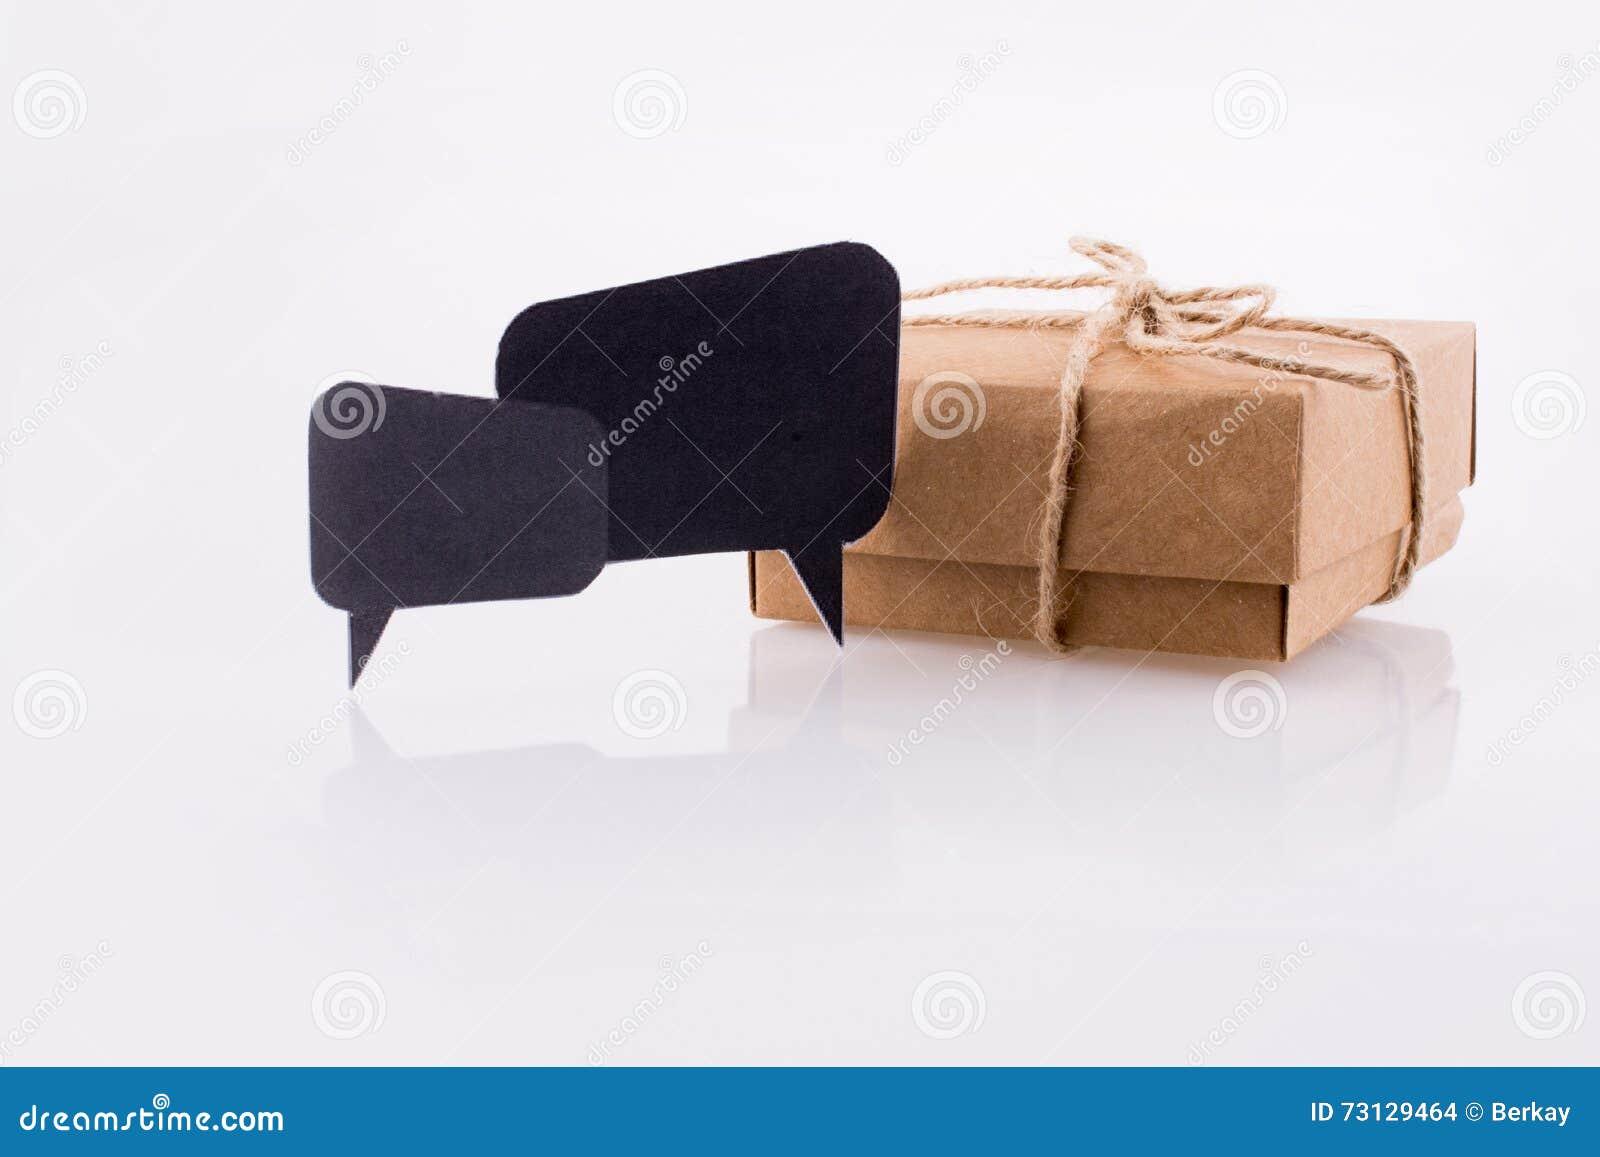 Dialogue boxes near a carton box